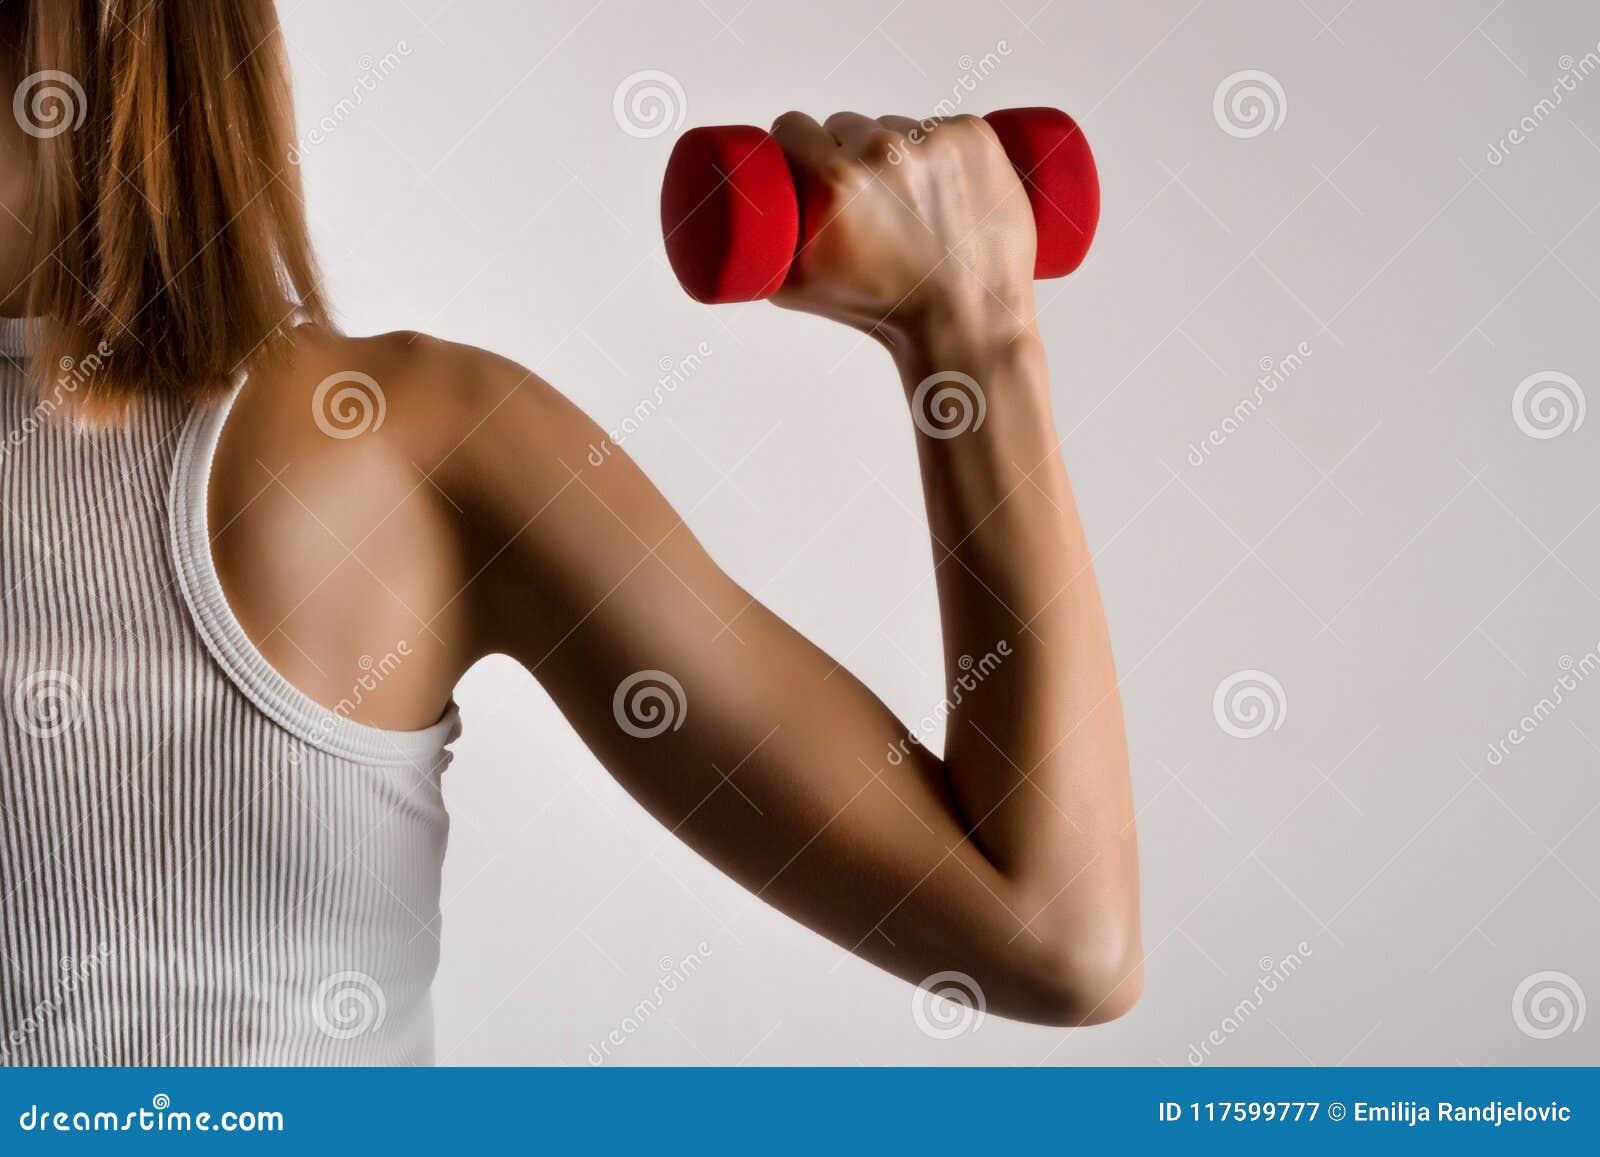 Sprawności fizycznej kobiety wzorcowa ręka z żółtym dumbbell na szarym pracownianym tle